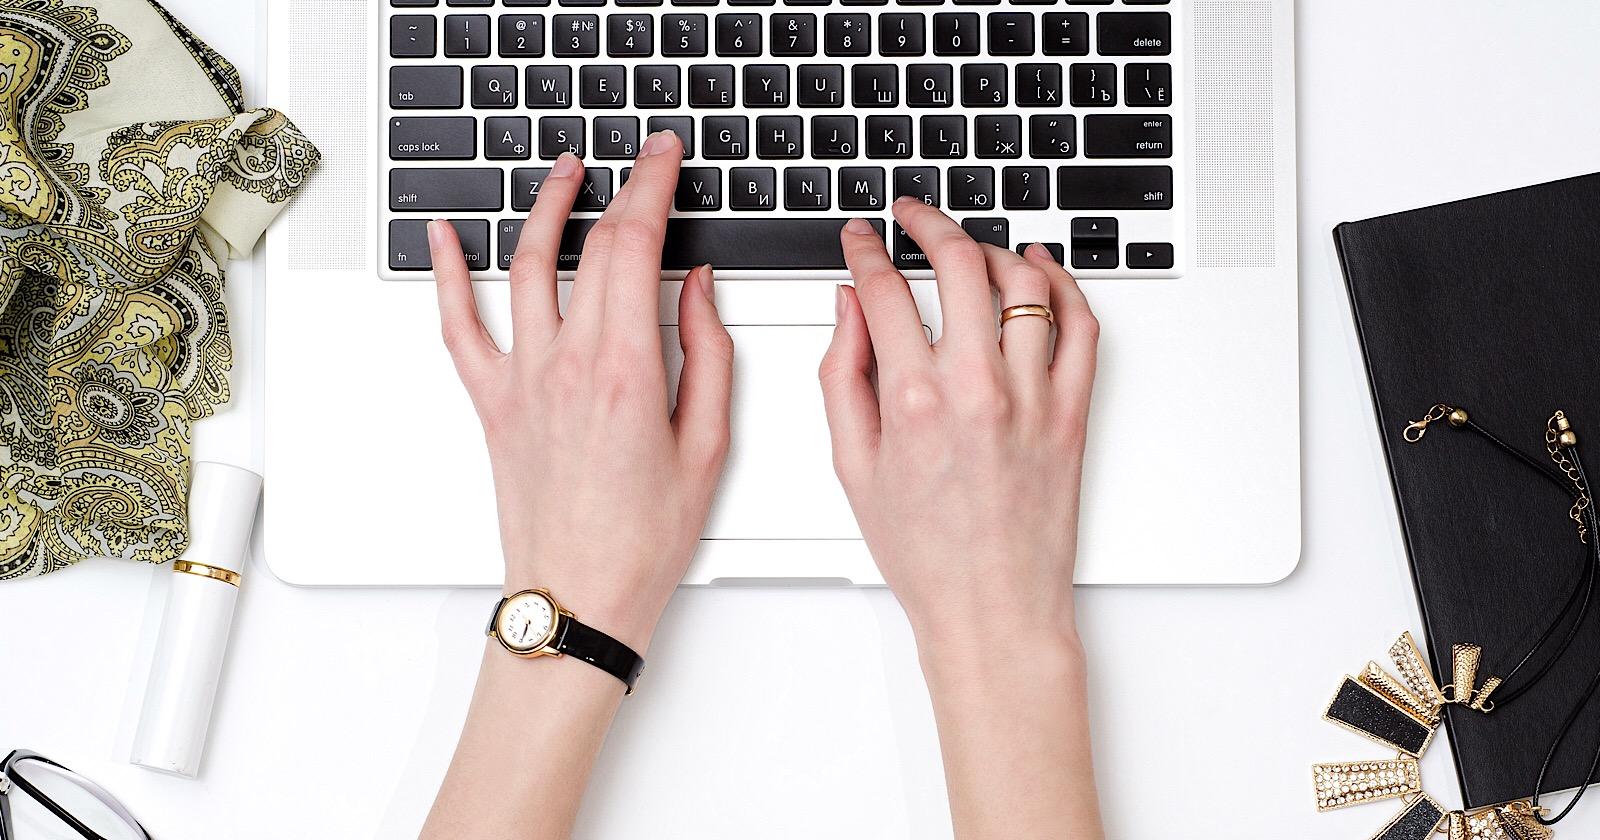 Une étude révèle que la structure de la plupart des blogs peut faire mal au classement de recherche